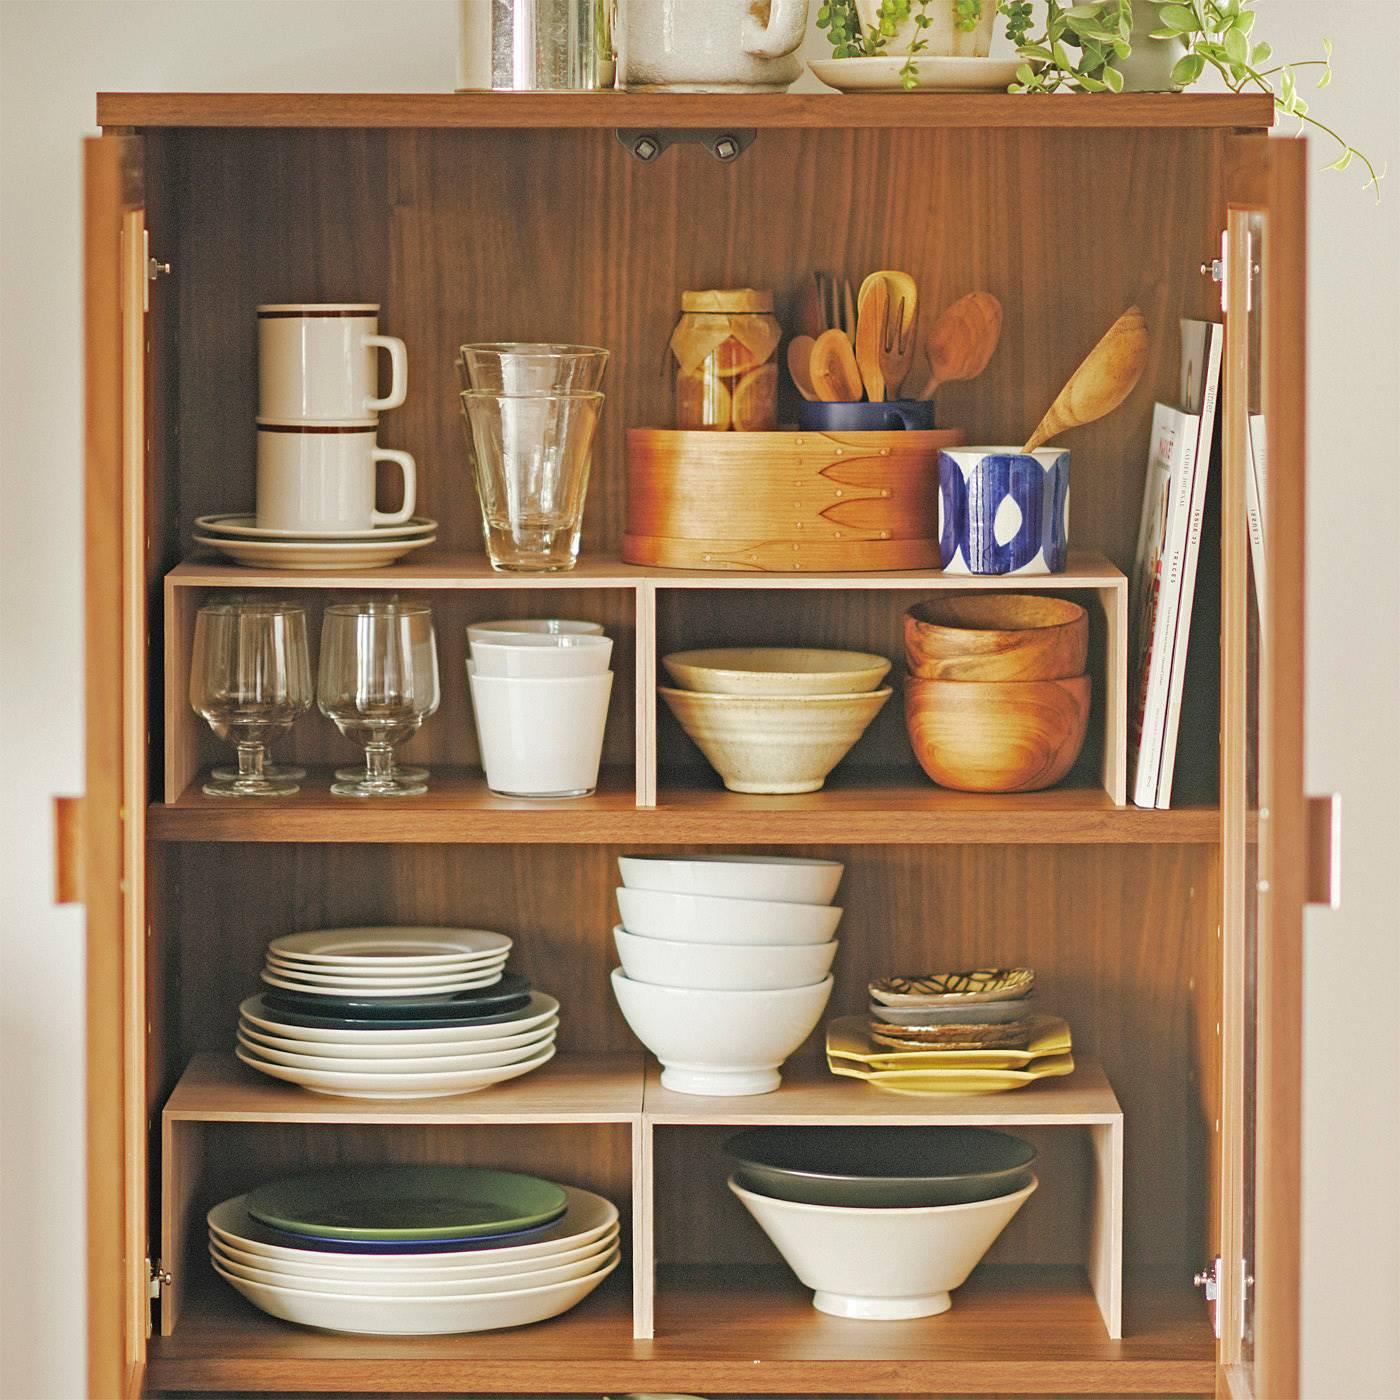 コの字棚で空間を上下に仕切れば食器棚のスペースを無駄なく使えてたっぷり収納。見つけやすく、重ねたお皿も取り出しやすくて便利。